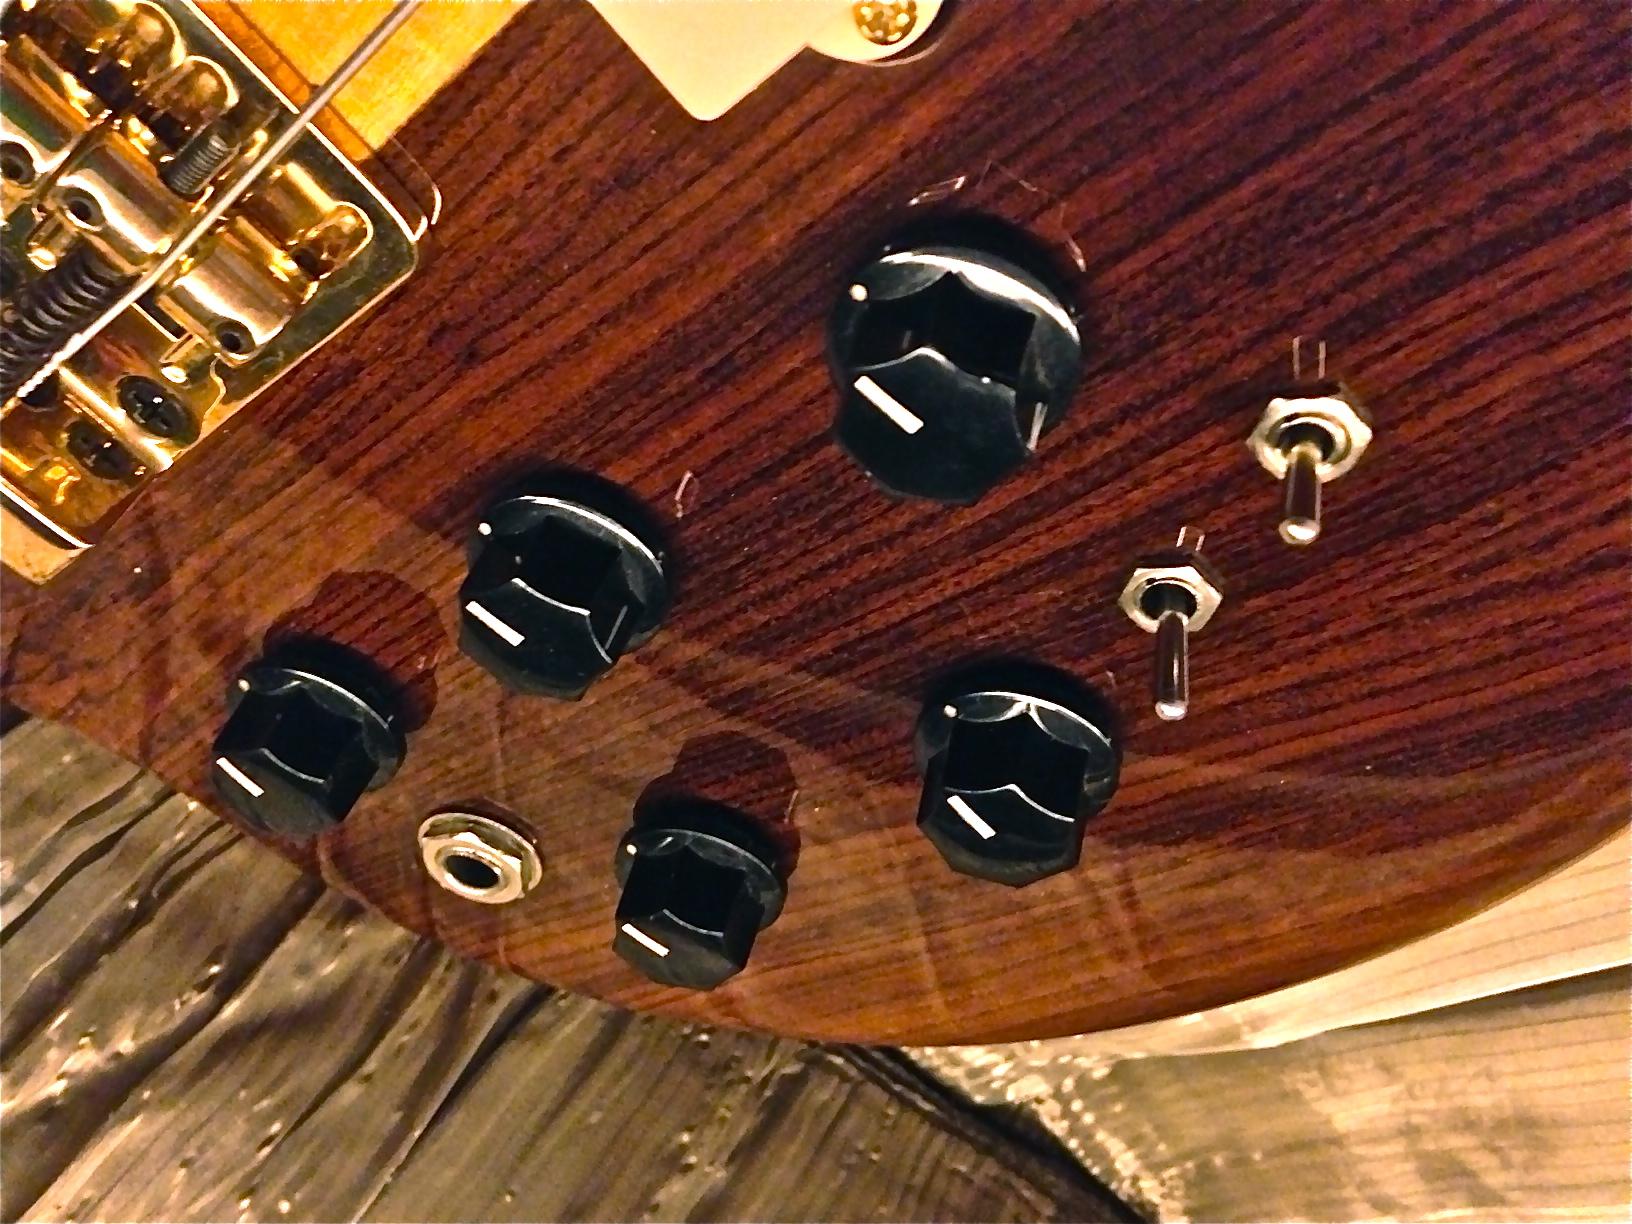 Restaurado baixo Giannini 1980's linha Profissional (Alembic) AE014B Oz6d